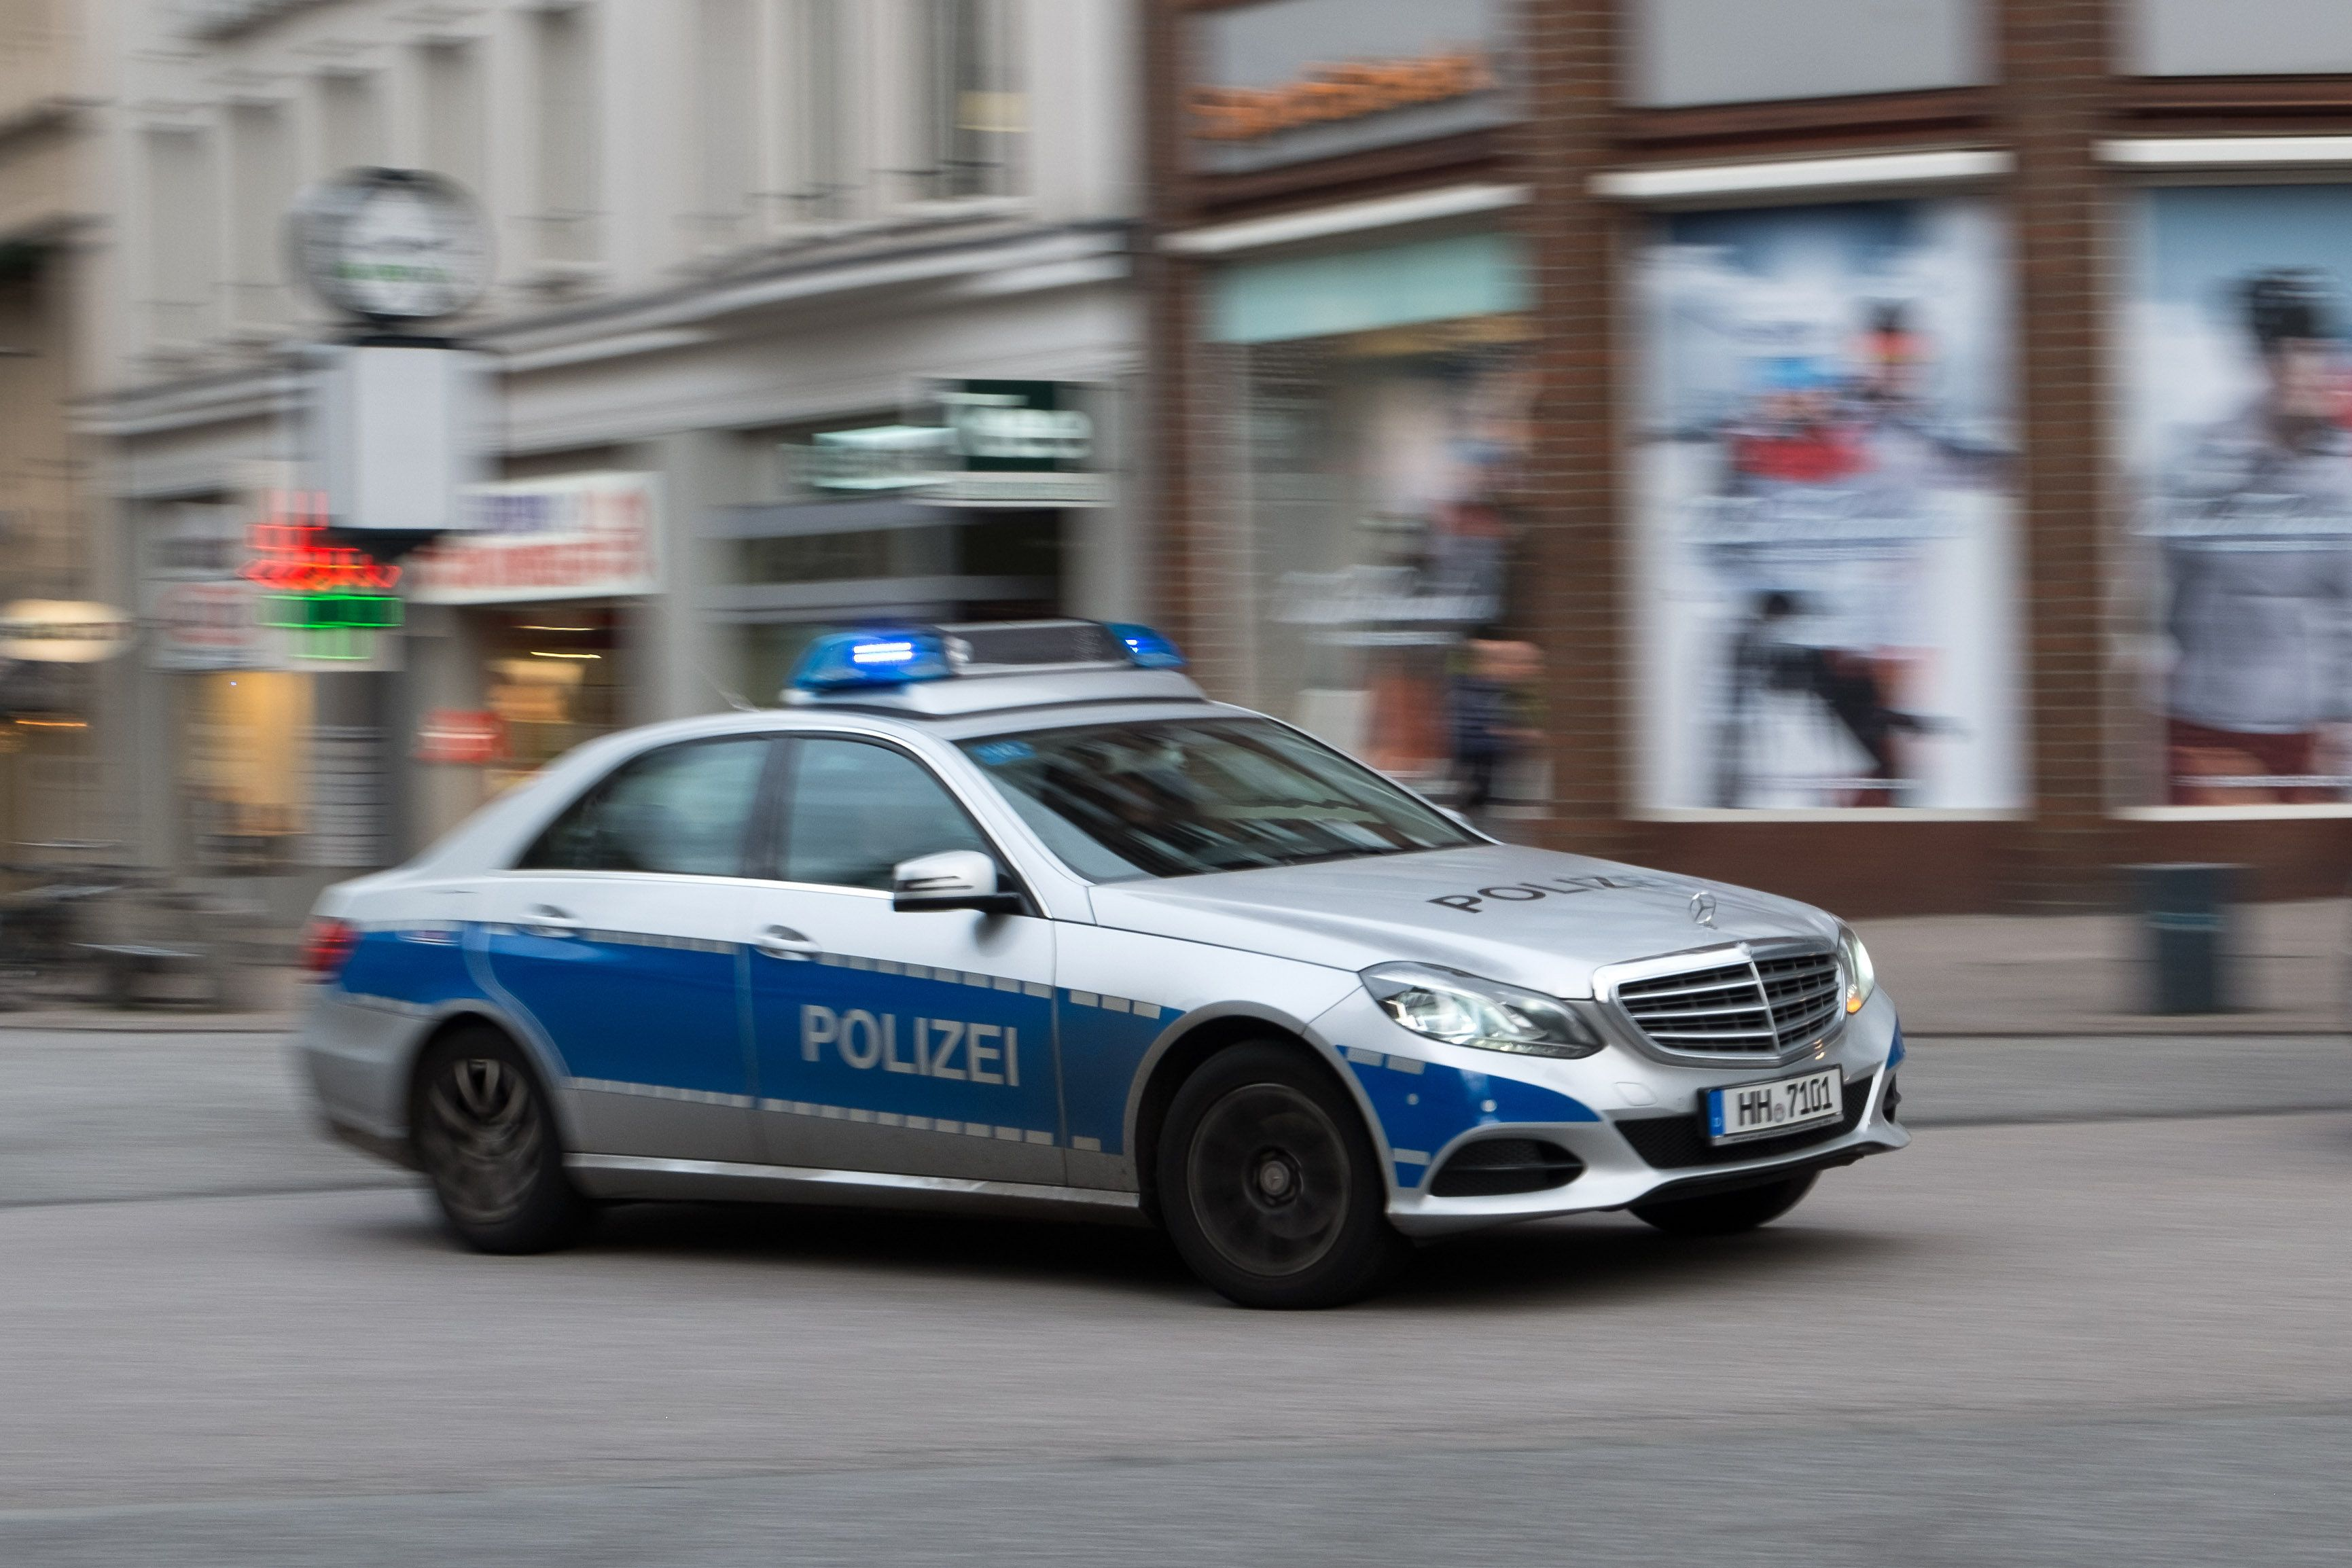 Messer-Attacke in Hamburger Innenstadt: Mann sticht sein Kind